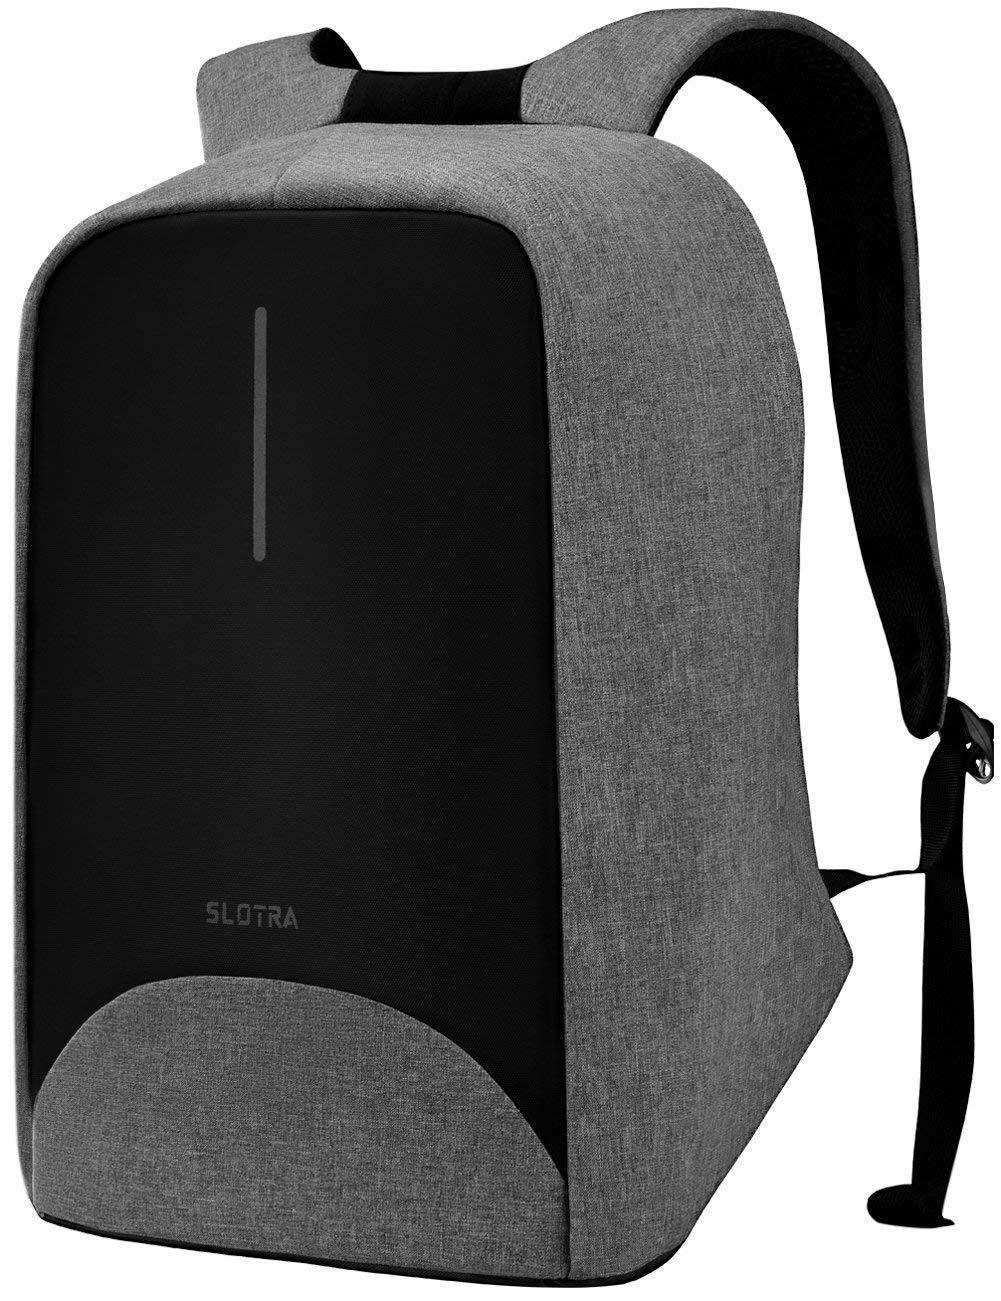 SLOTRA Antifurto Zaino per PC Portatile 15.6 pollici con USB Asola per Uscita Auricolari Borsa da Lavoro Unisex Nylon Idrorepellente (644) TIGERNU